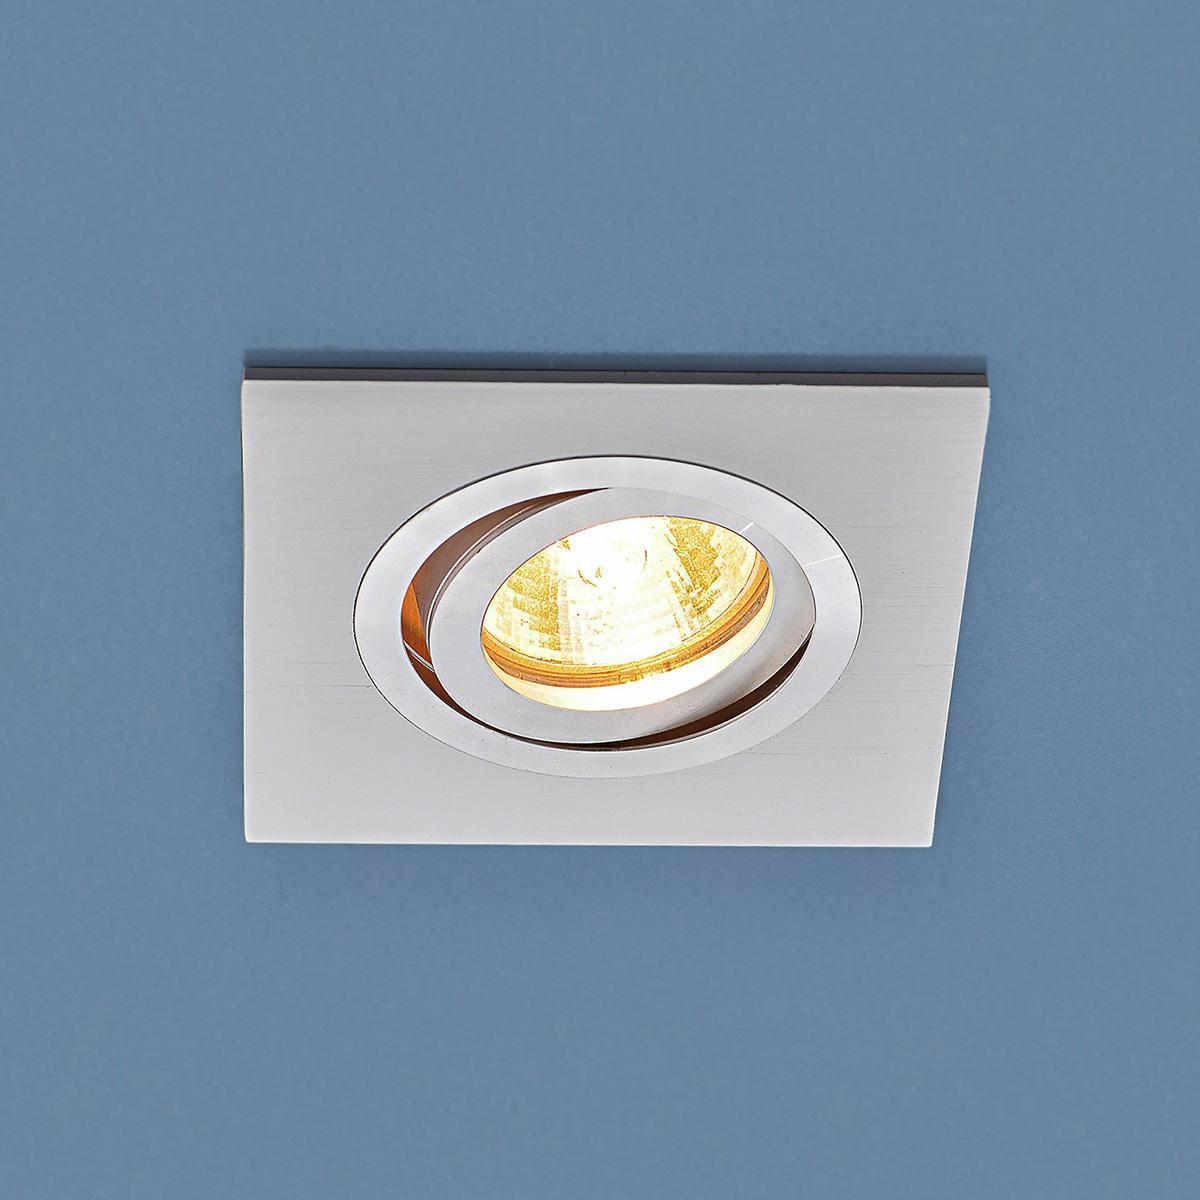 Встраиваемый светильник Elektrostandart 1051/1 WH белый 4690389083679 встраиваемый светильник elektrostandart ссп встраиваемый 21w 1500lm 128см 6500к ссп 01 21w